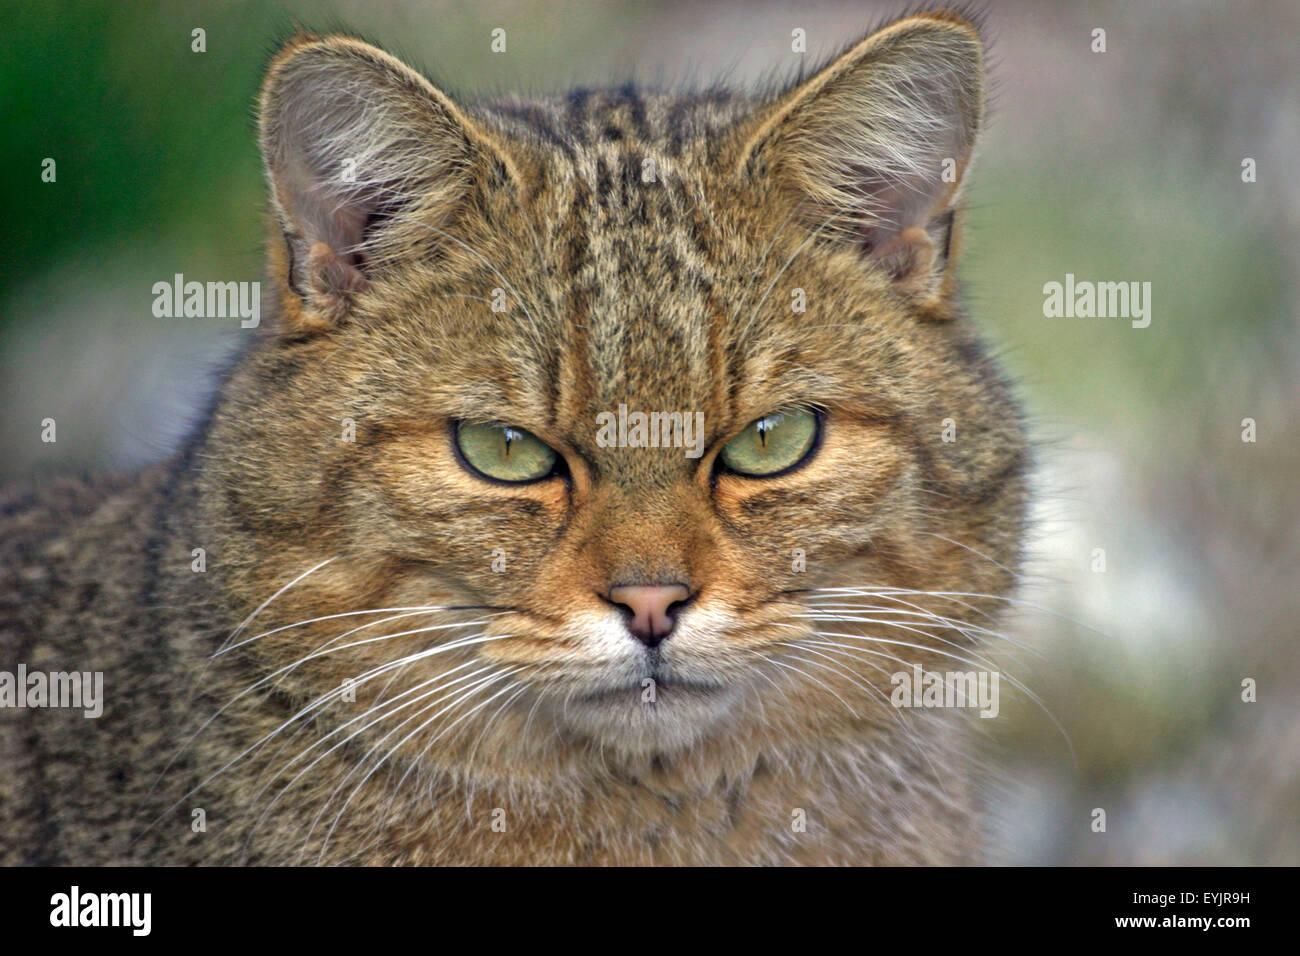 Europaeische Wildkatze, portraet | europäische Wildkatze, Hochformat, Nahaufnahme Stockbild